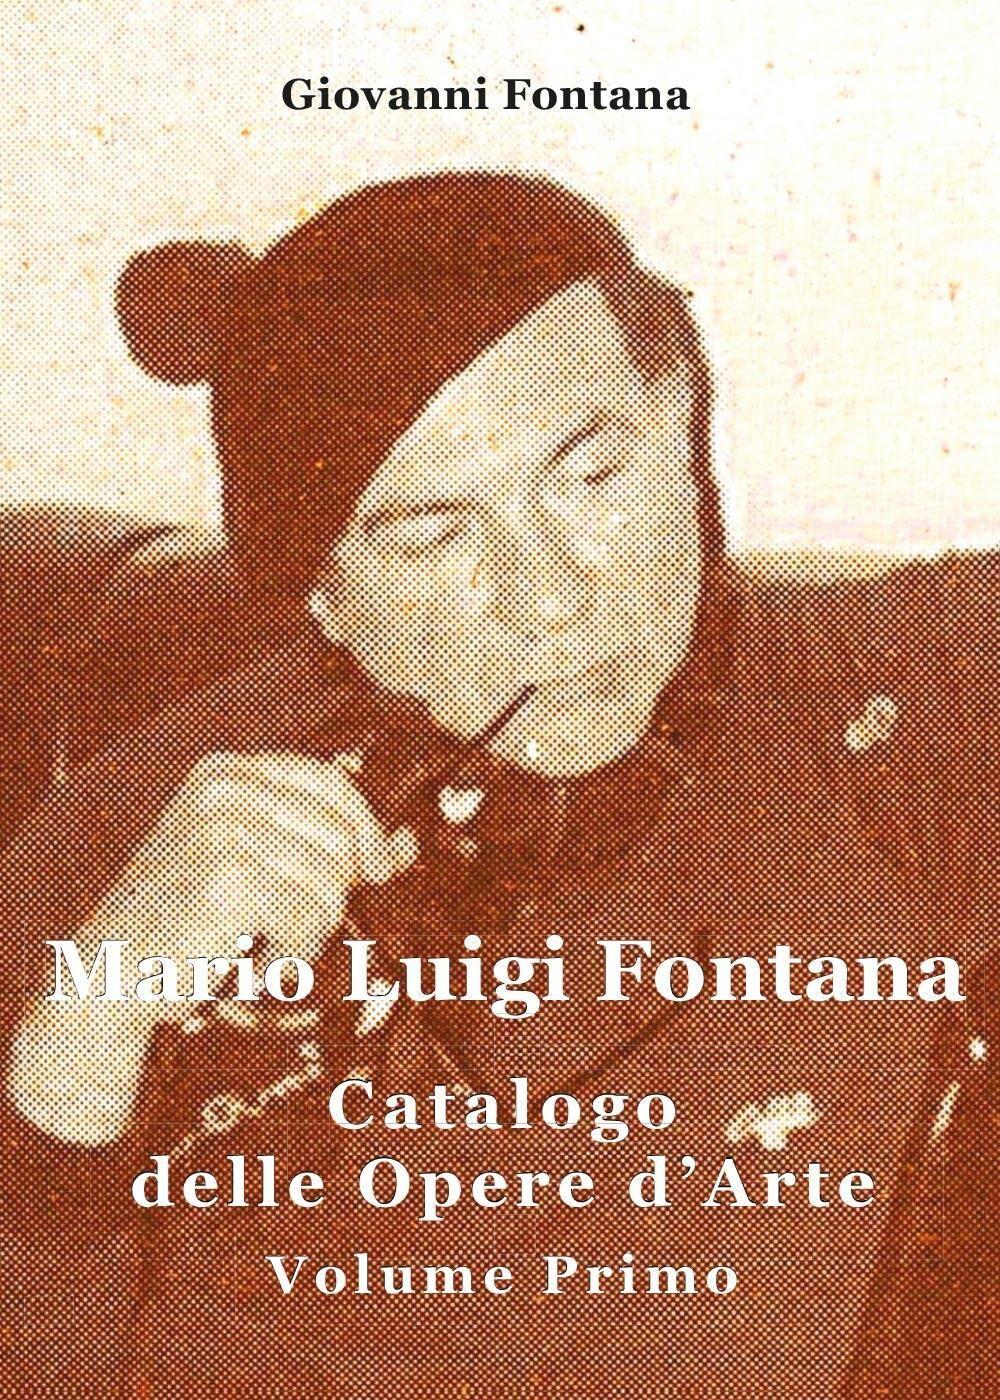 Mario Luigi Fontana. Catalogo delle opere d'arte. Vol. 1